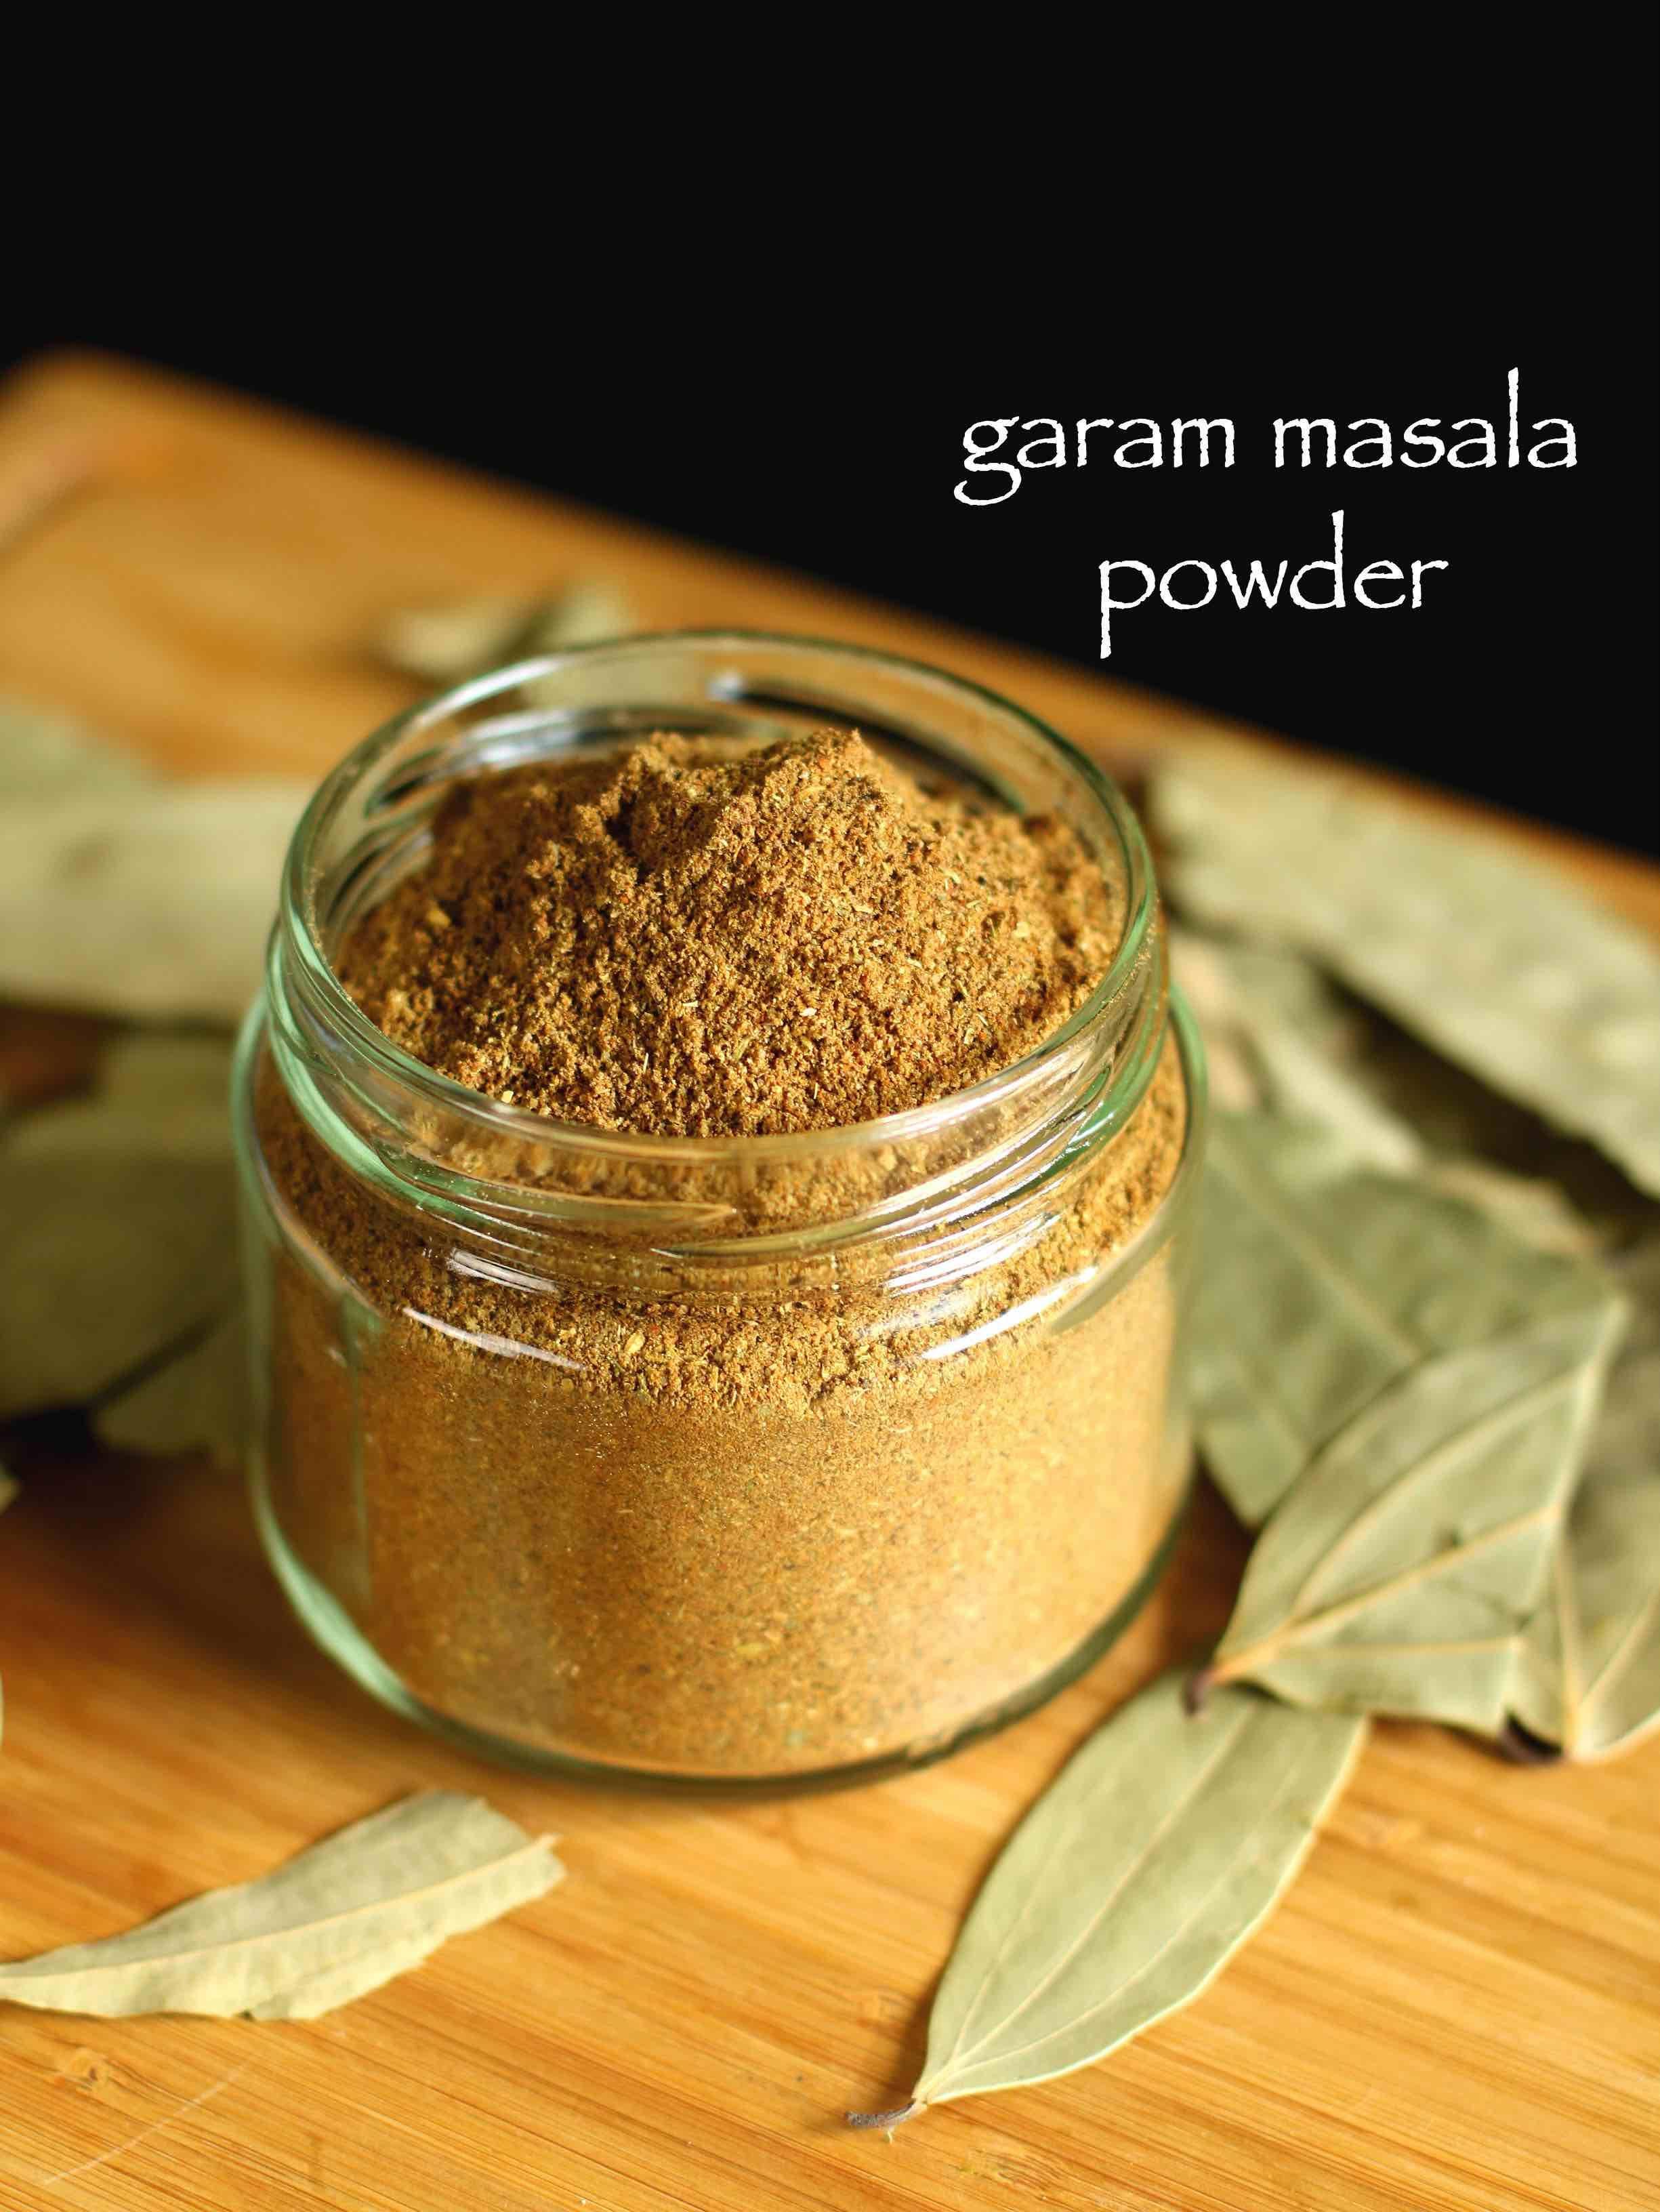 Garam Masala Recipe How To Make Homemade Garam Masala Powder Recipe Garam Masala Powder Recipe Spice Mix Recipes Spice Recipes